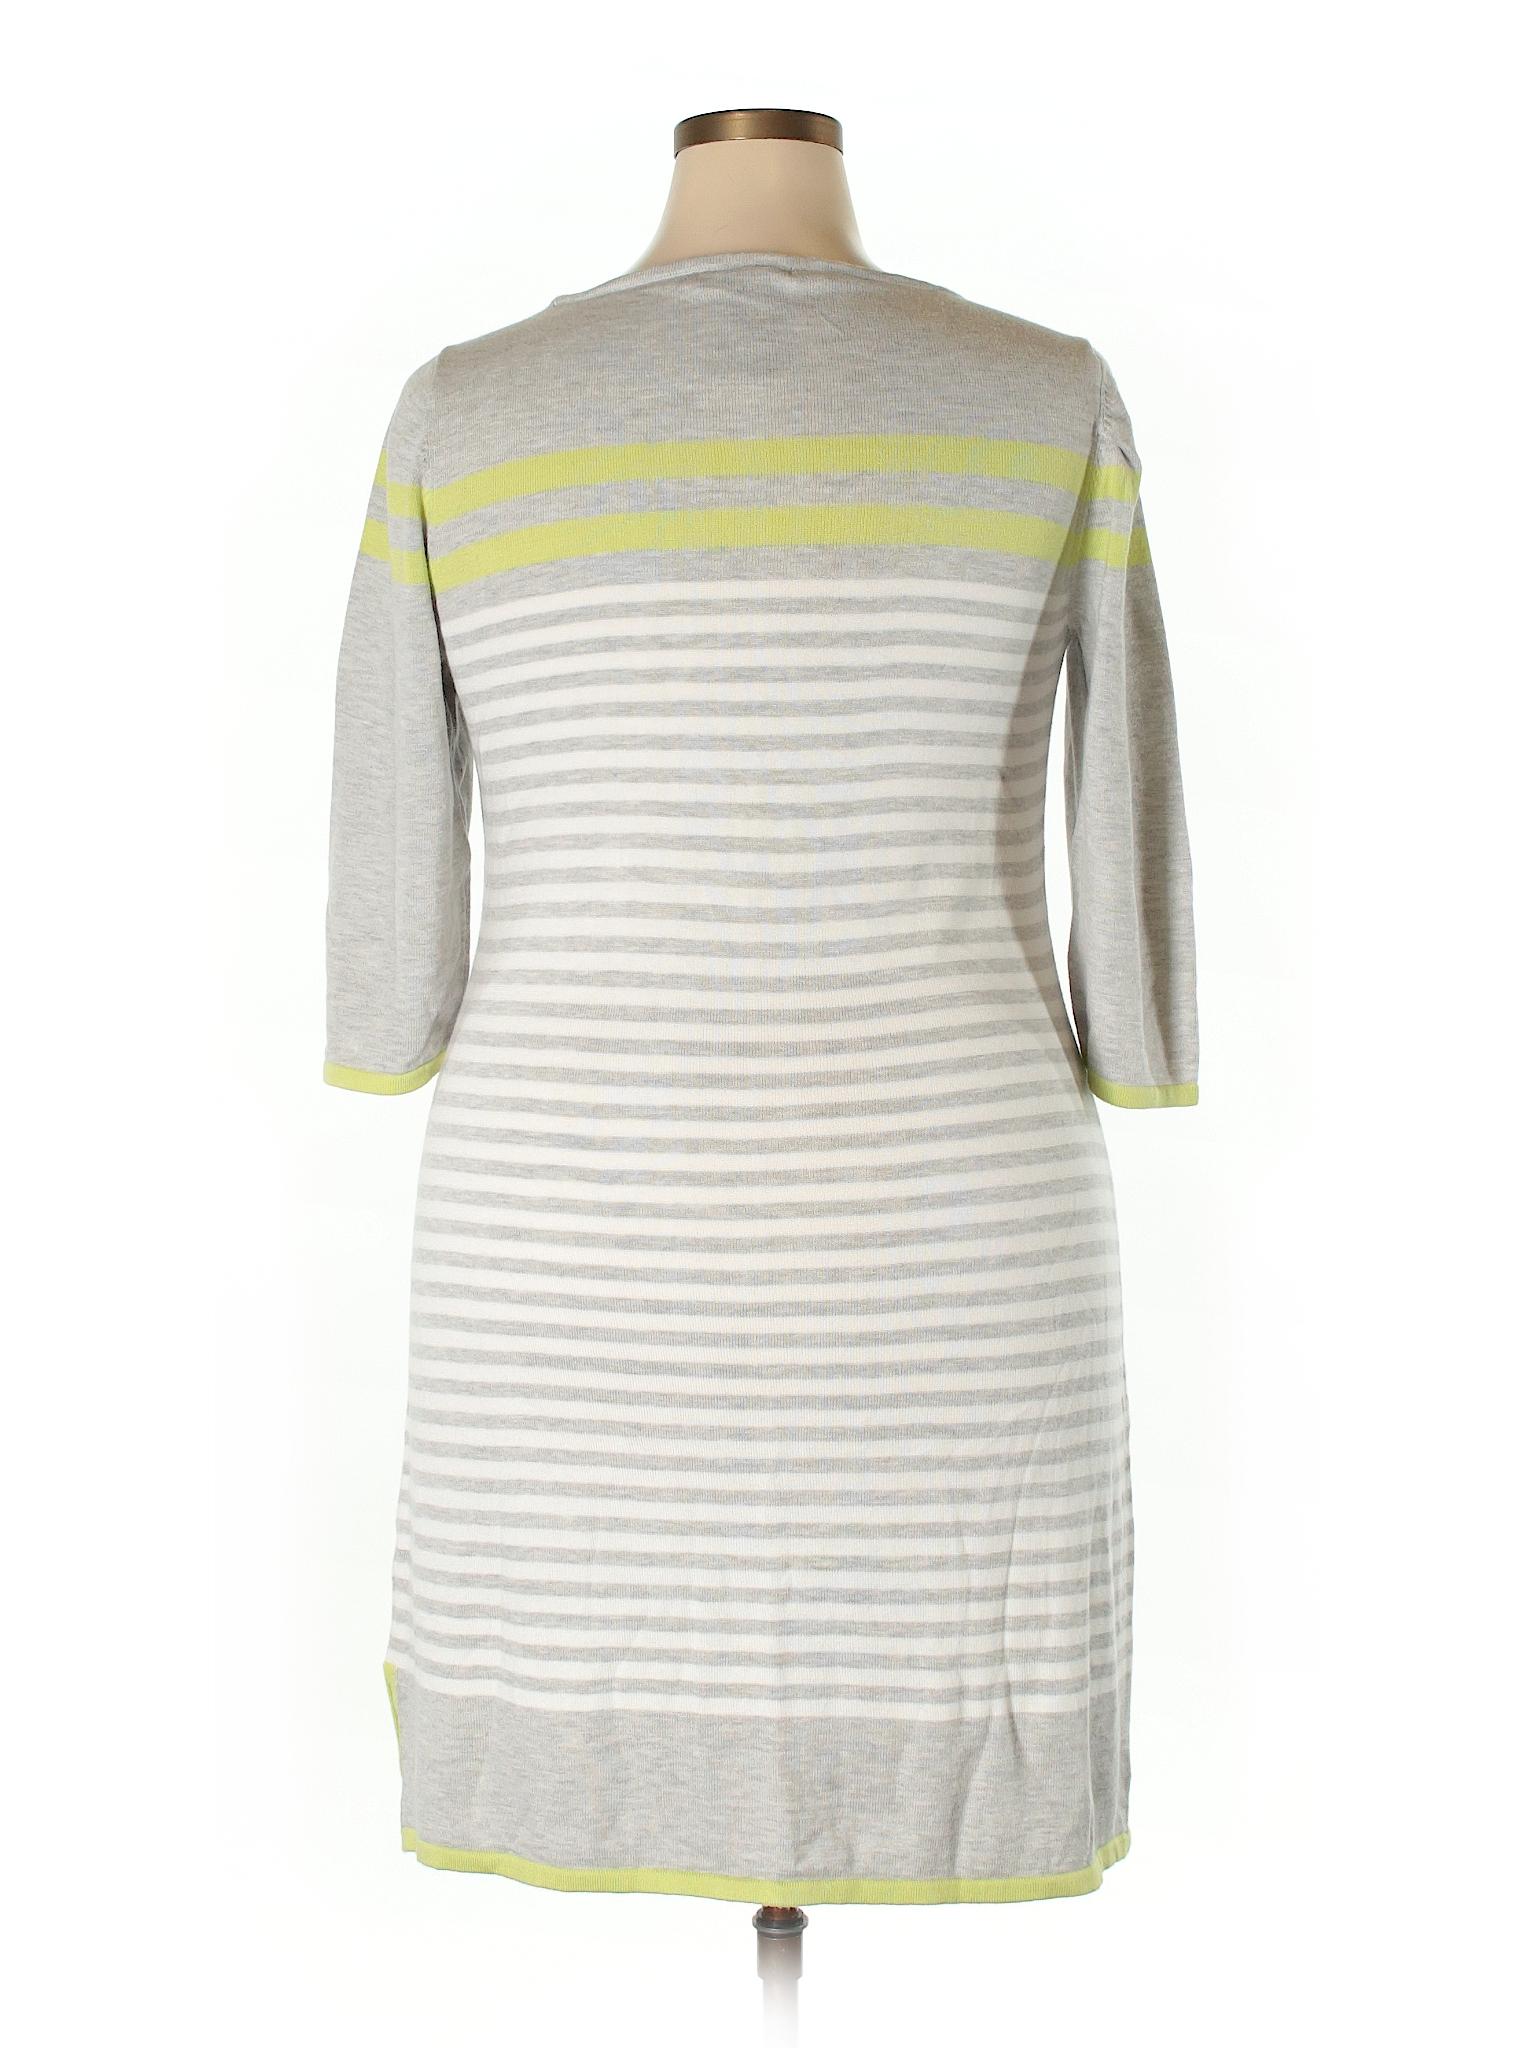 Design Casual History Selling Design Casual History Dress Casual Design Selling Selling Dress History qxwPn0E